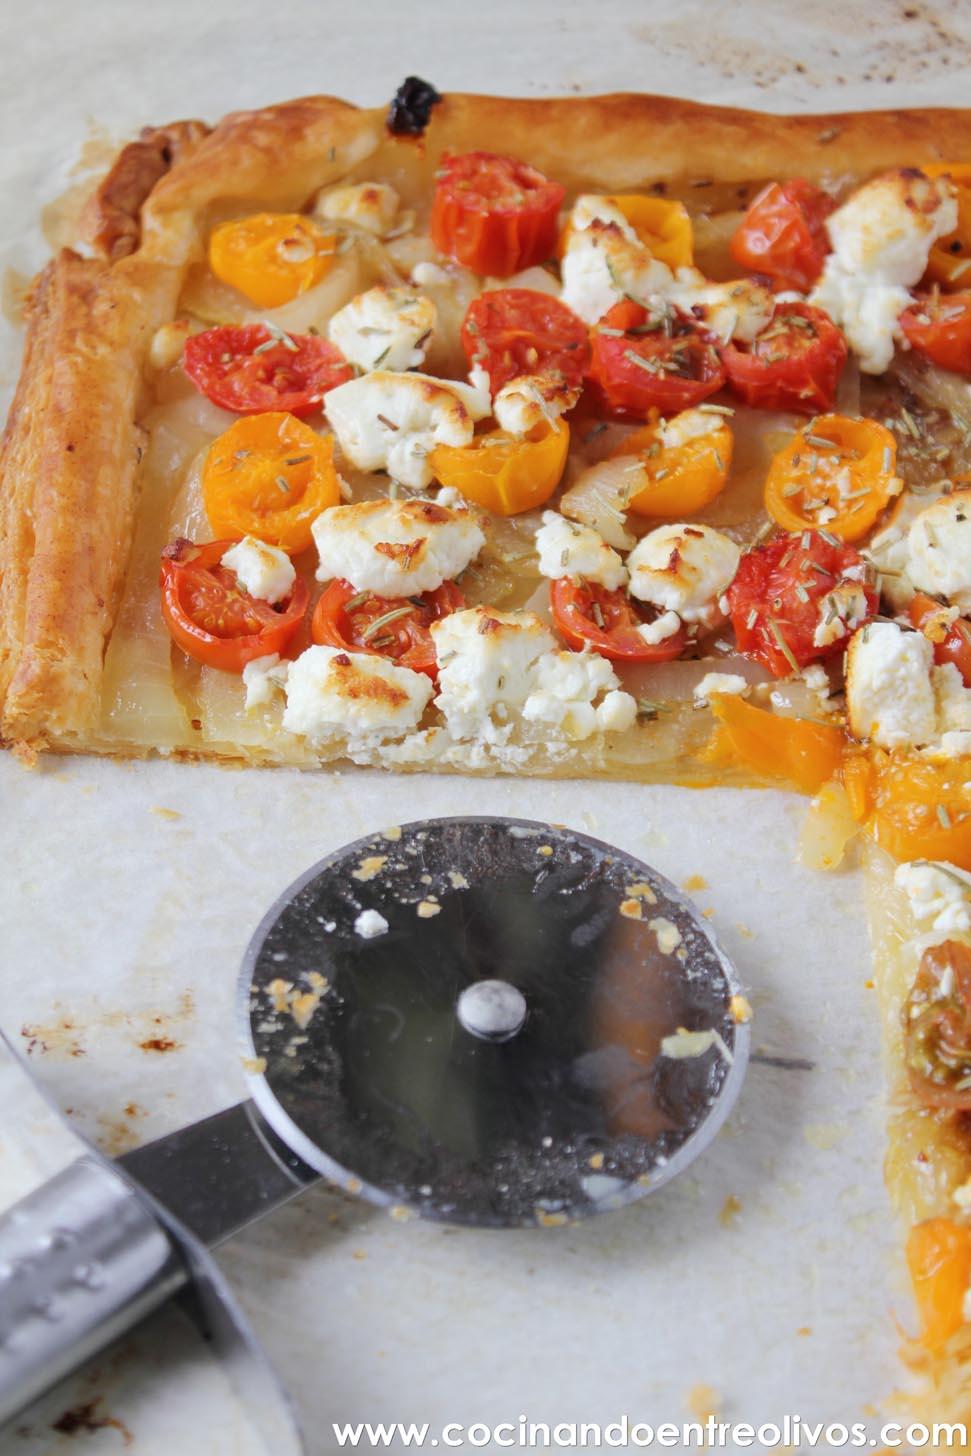 Cocinando entre olivos tarta de tomates cherrys y queso for Cocinando entre olivos